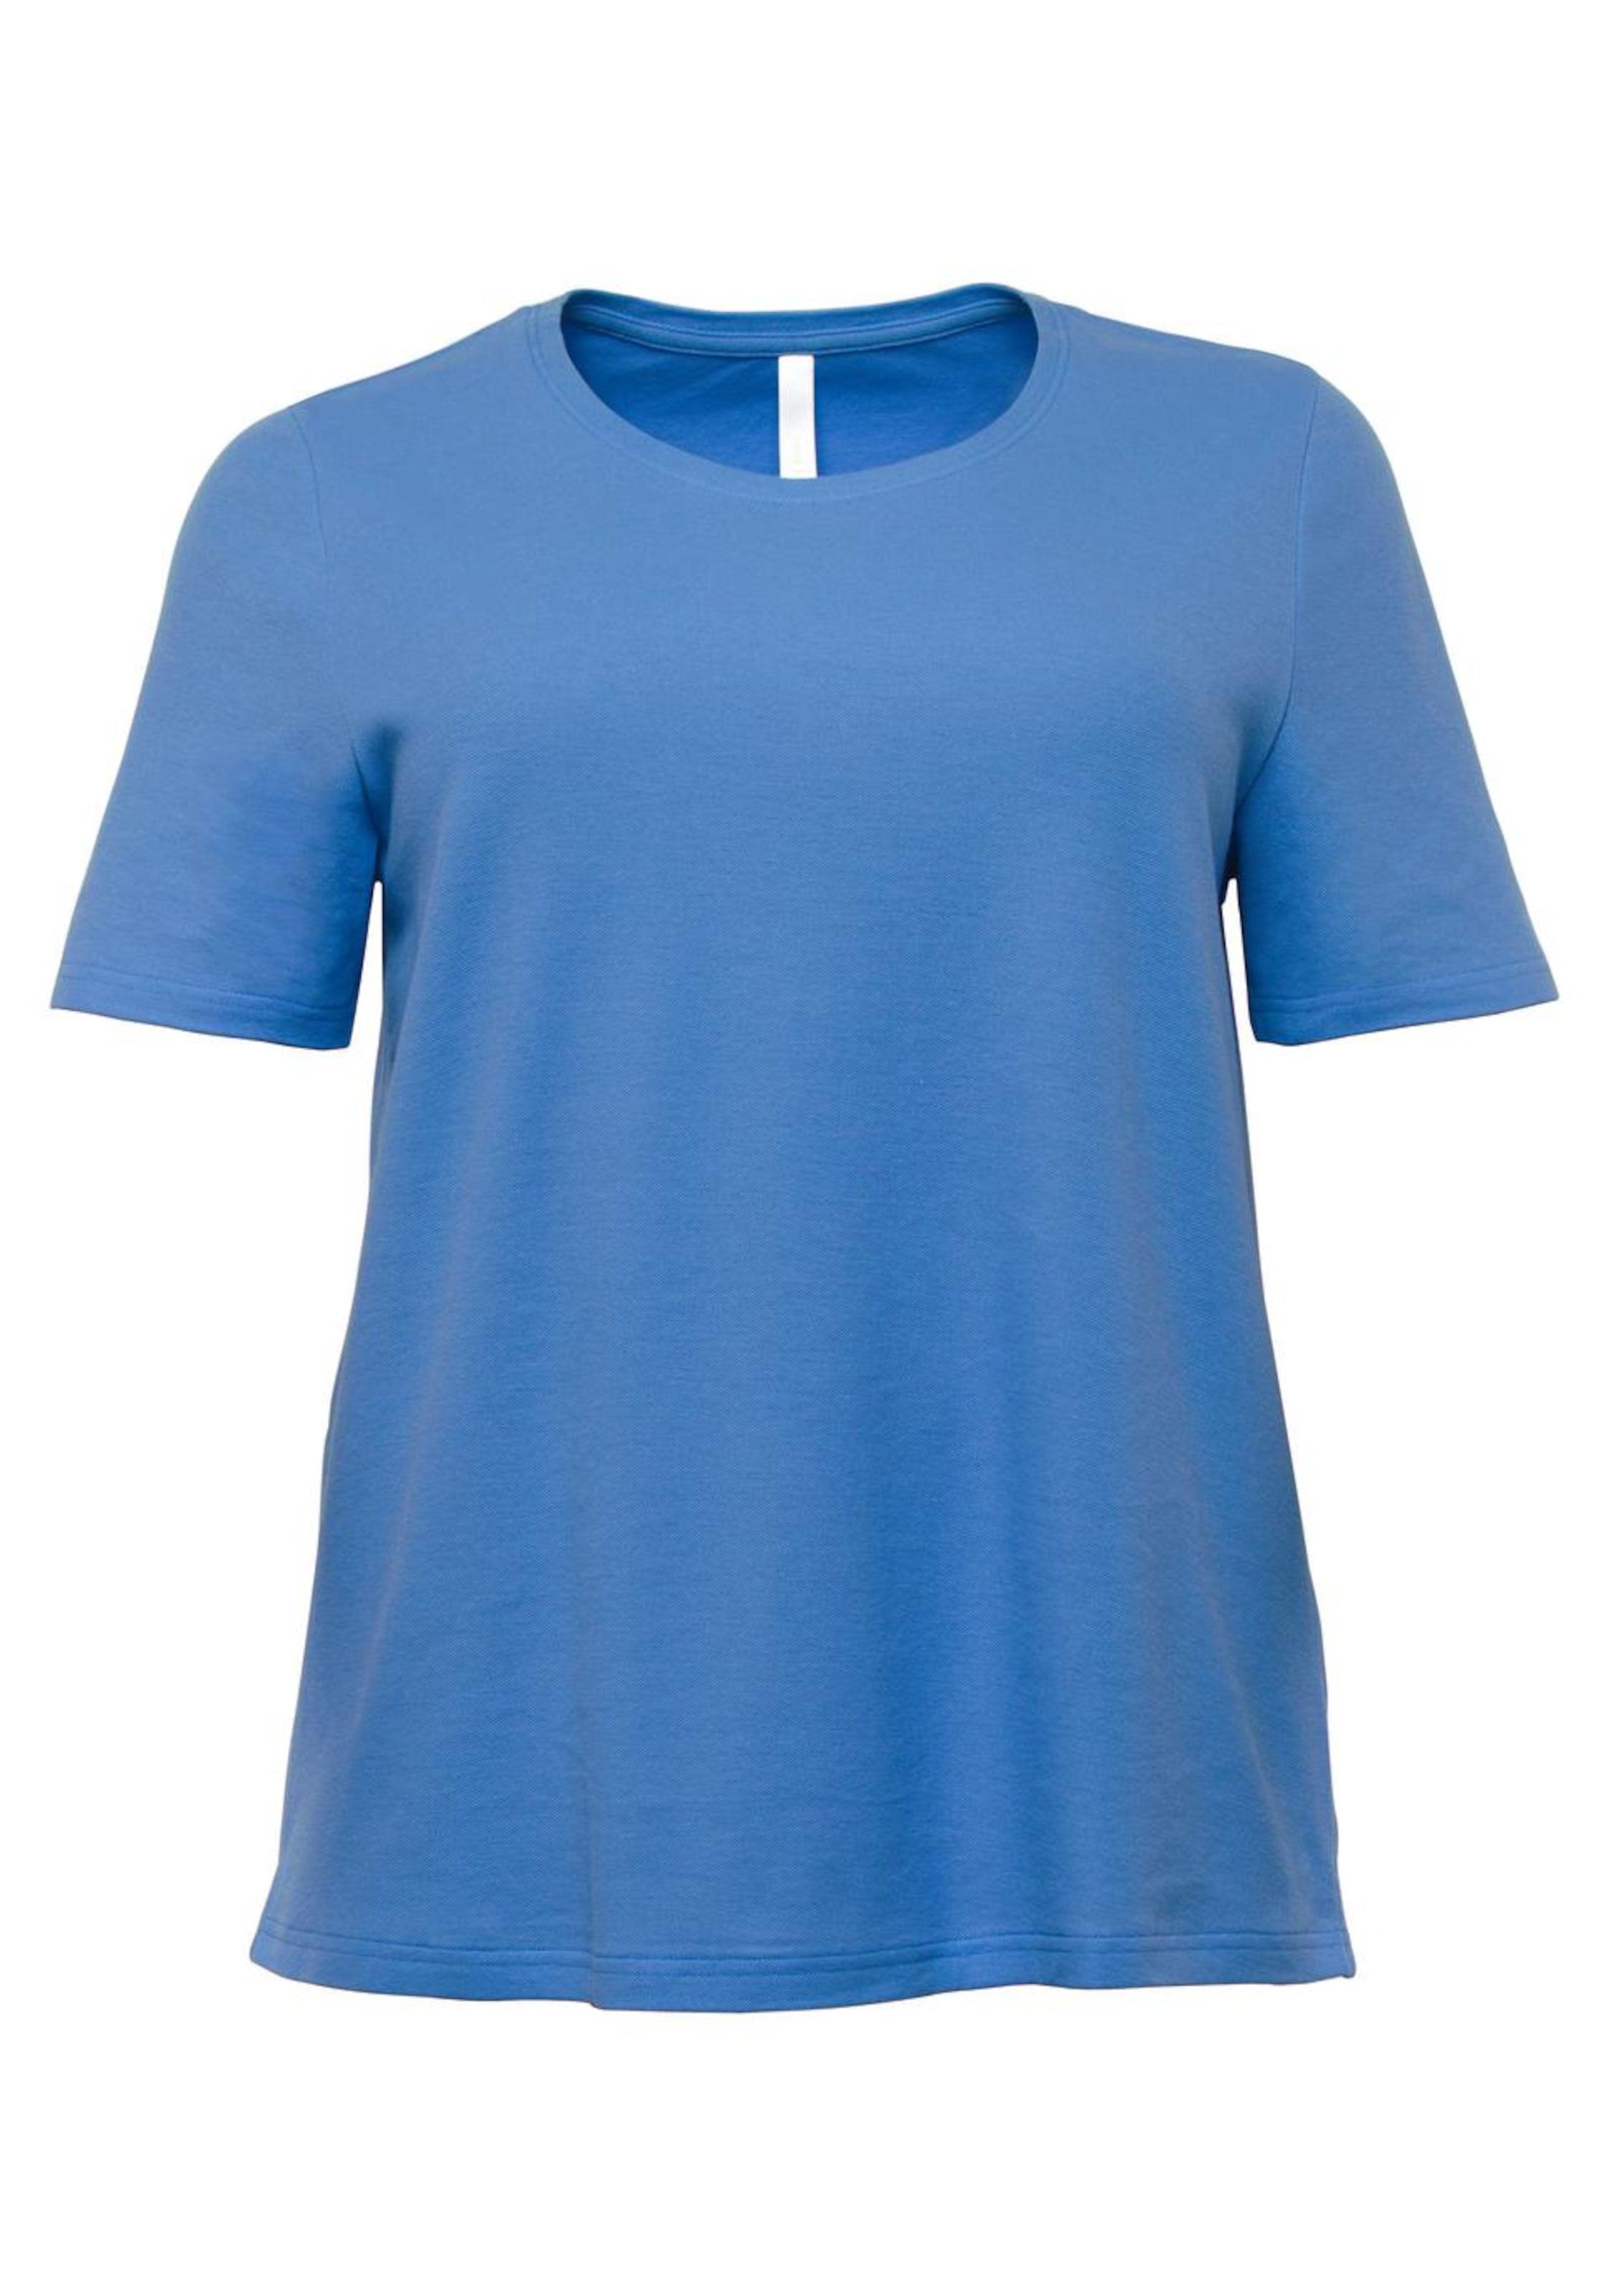 AzurRoyalblau Himmelblau Casual Sheego shirt In T thsrCxQd